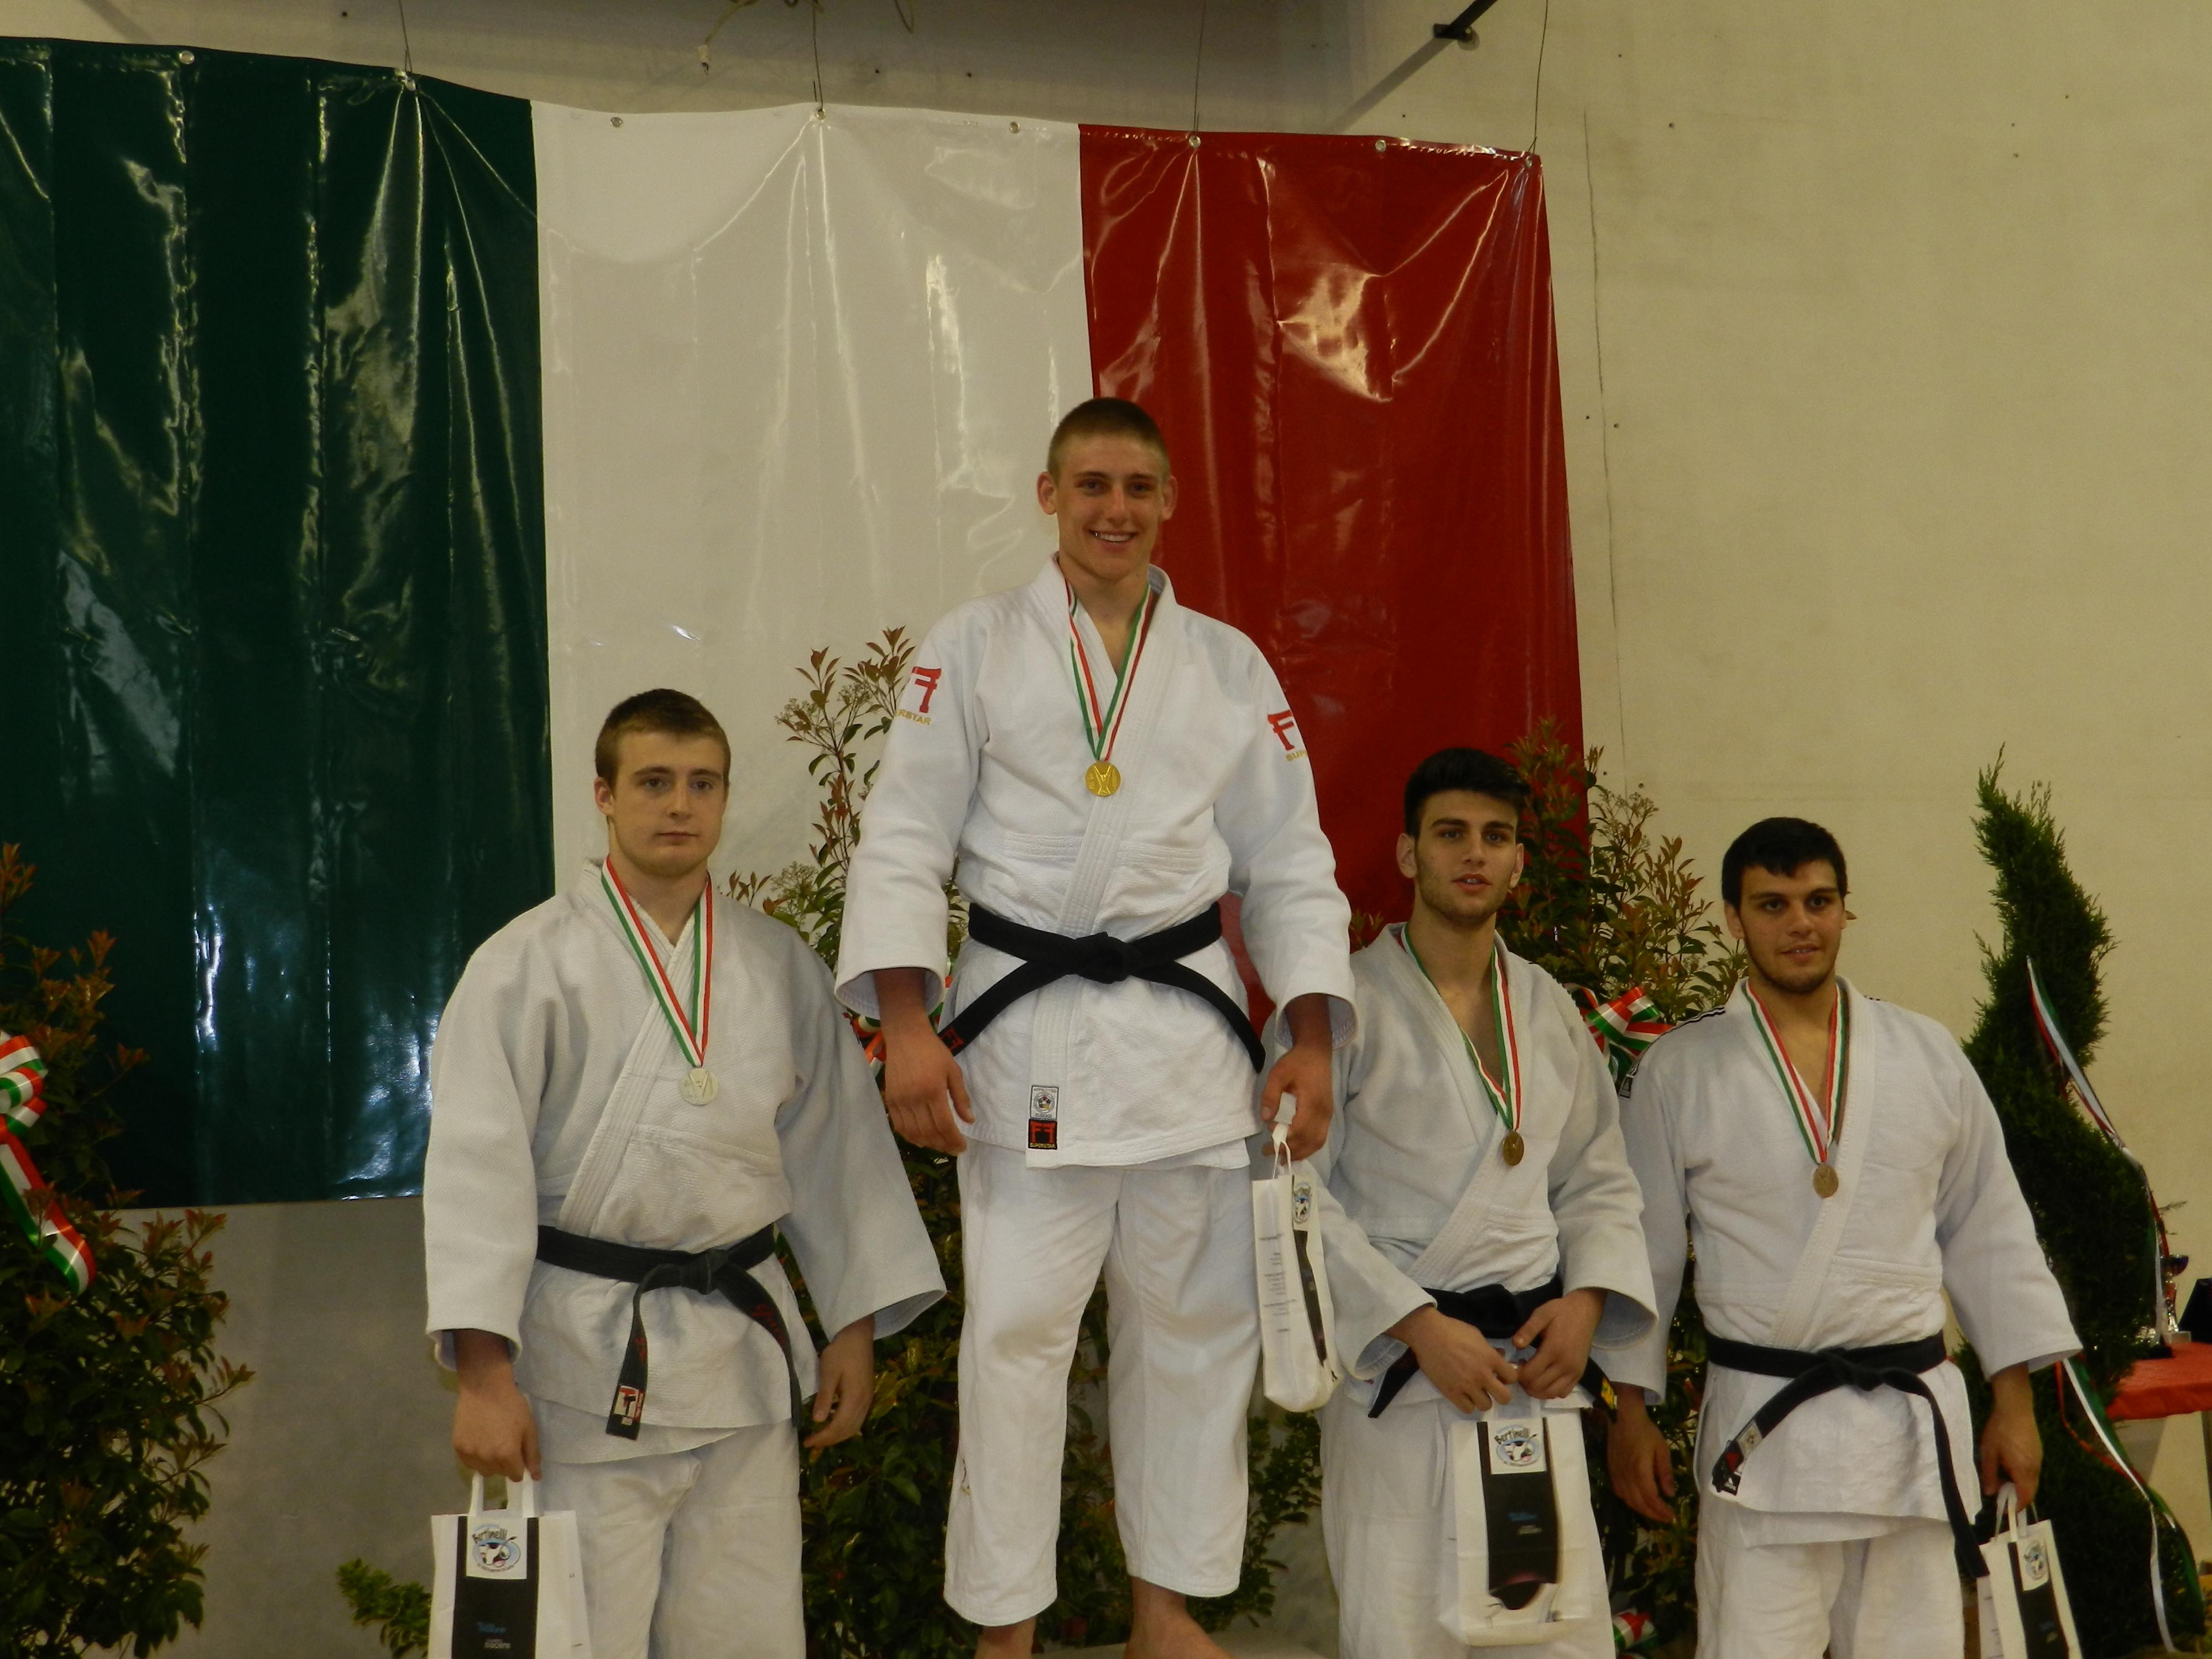 016 fidenza 2014 - campionato italiano